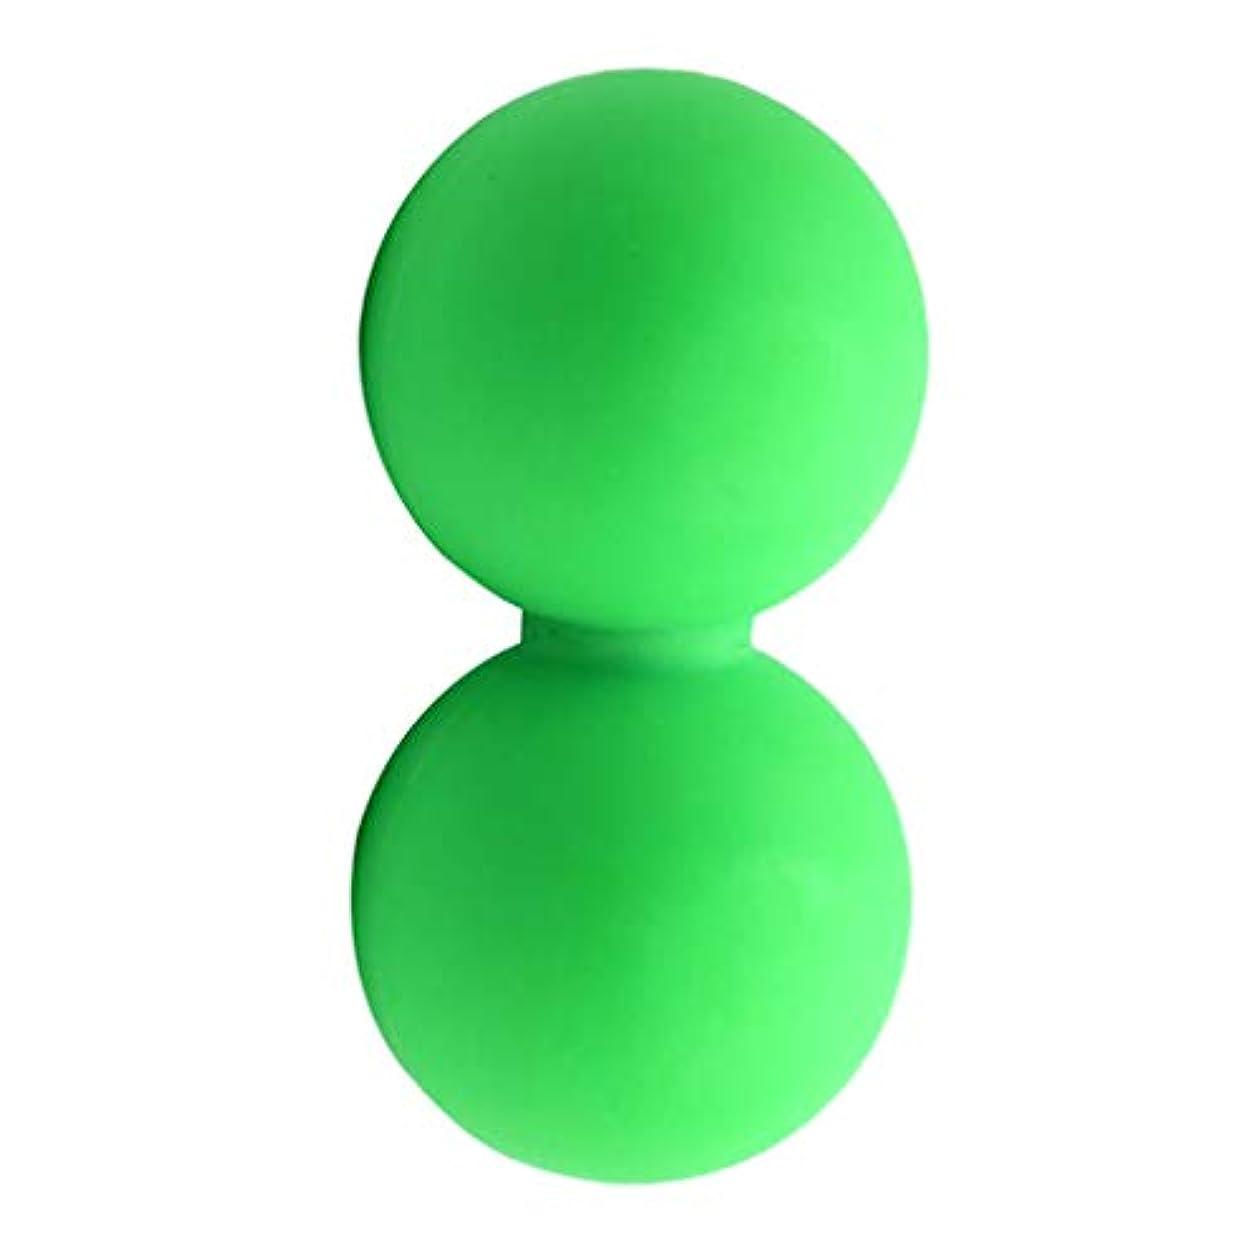 サンダー安全性到着するマッサージボール グリーン スポーツケア 運動 痛み緩和